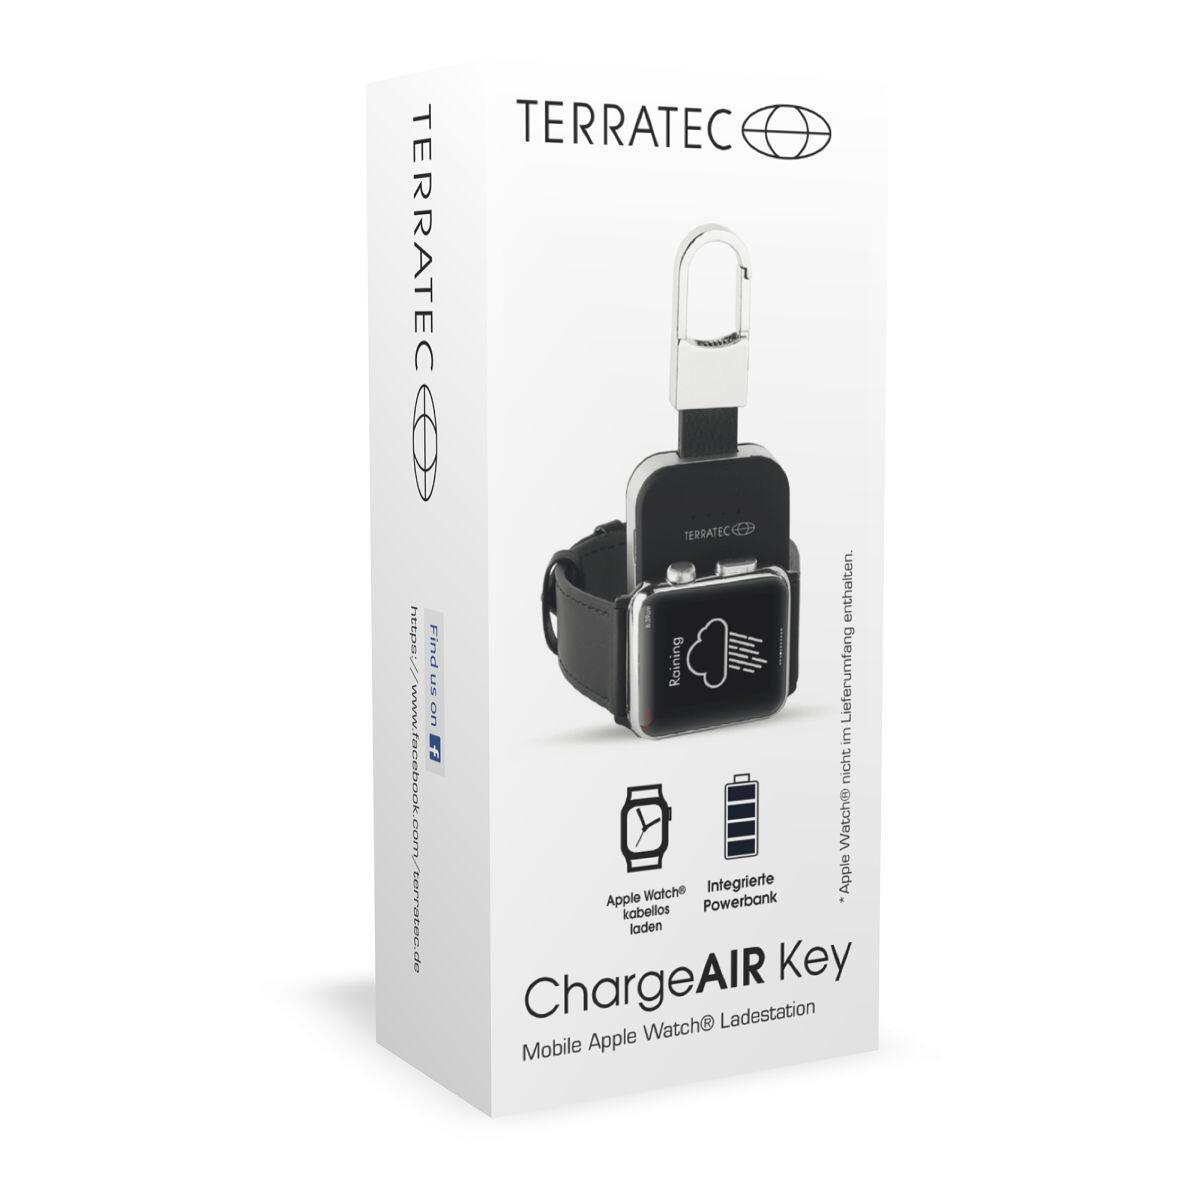 Chargeair Key 4